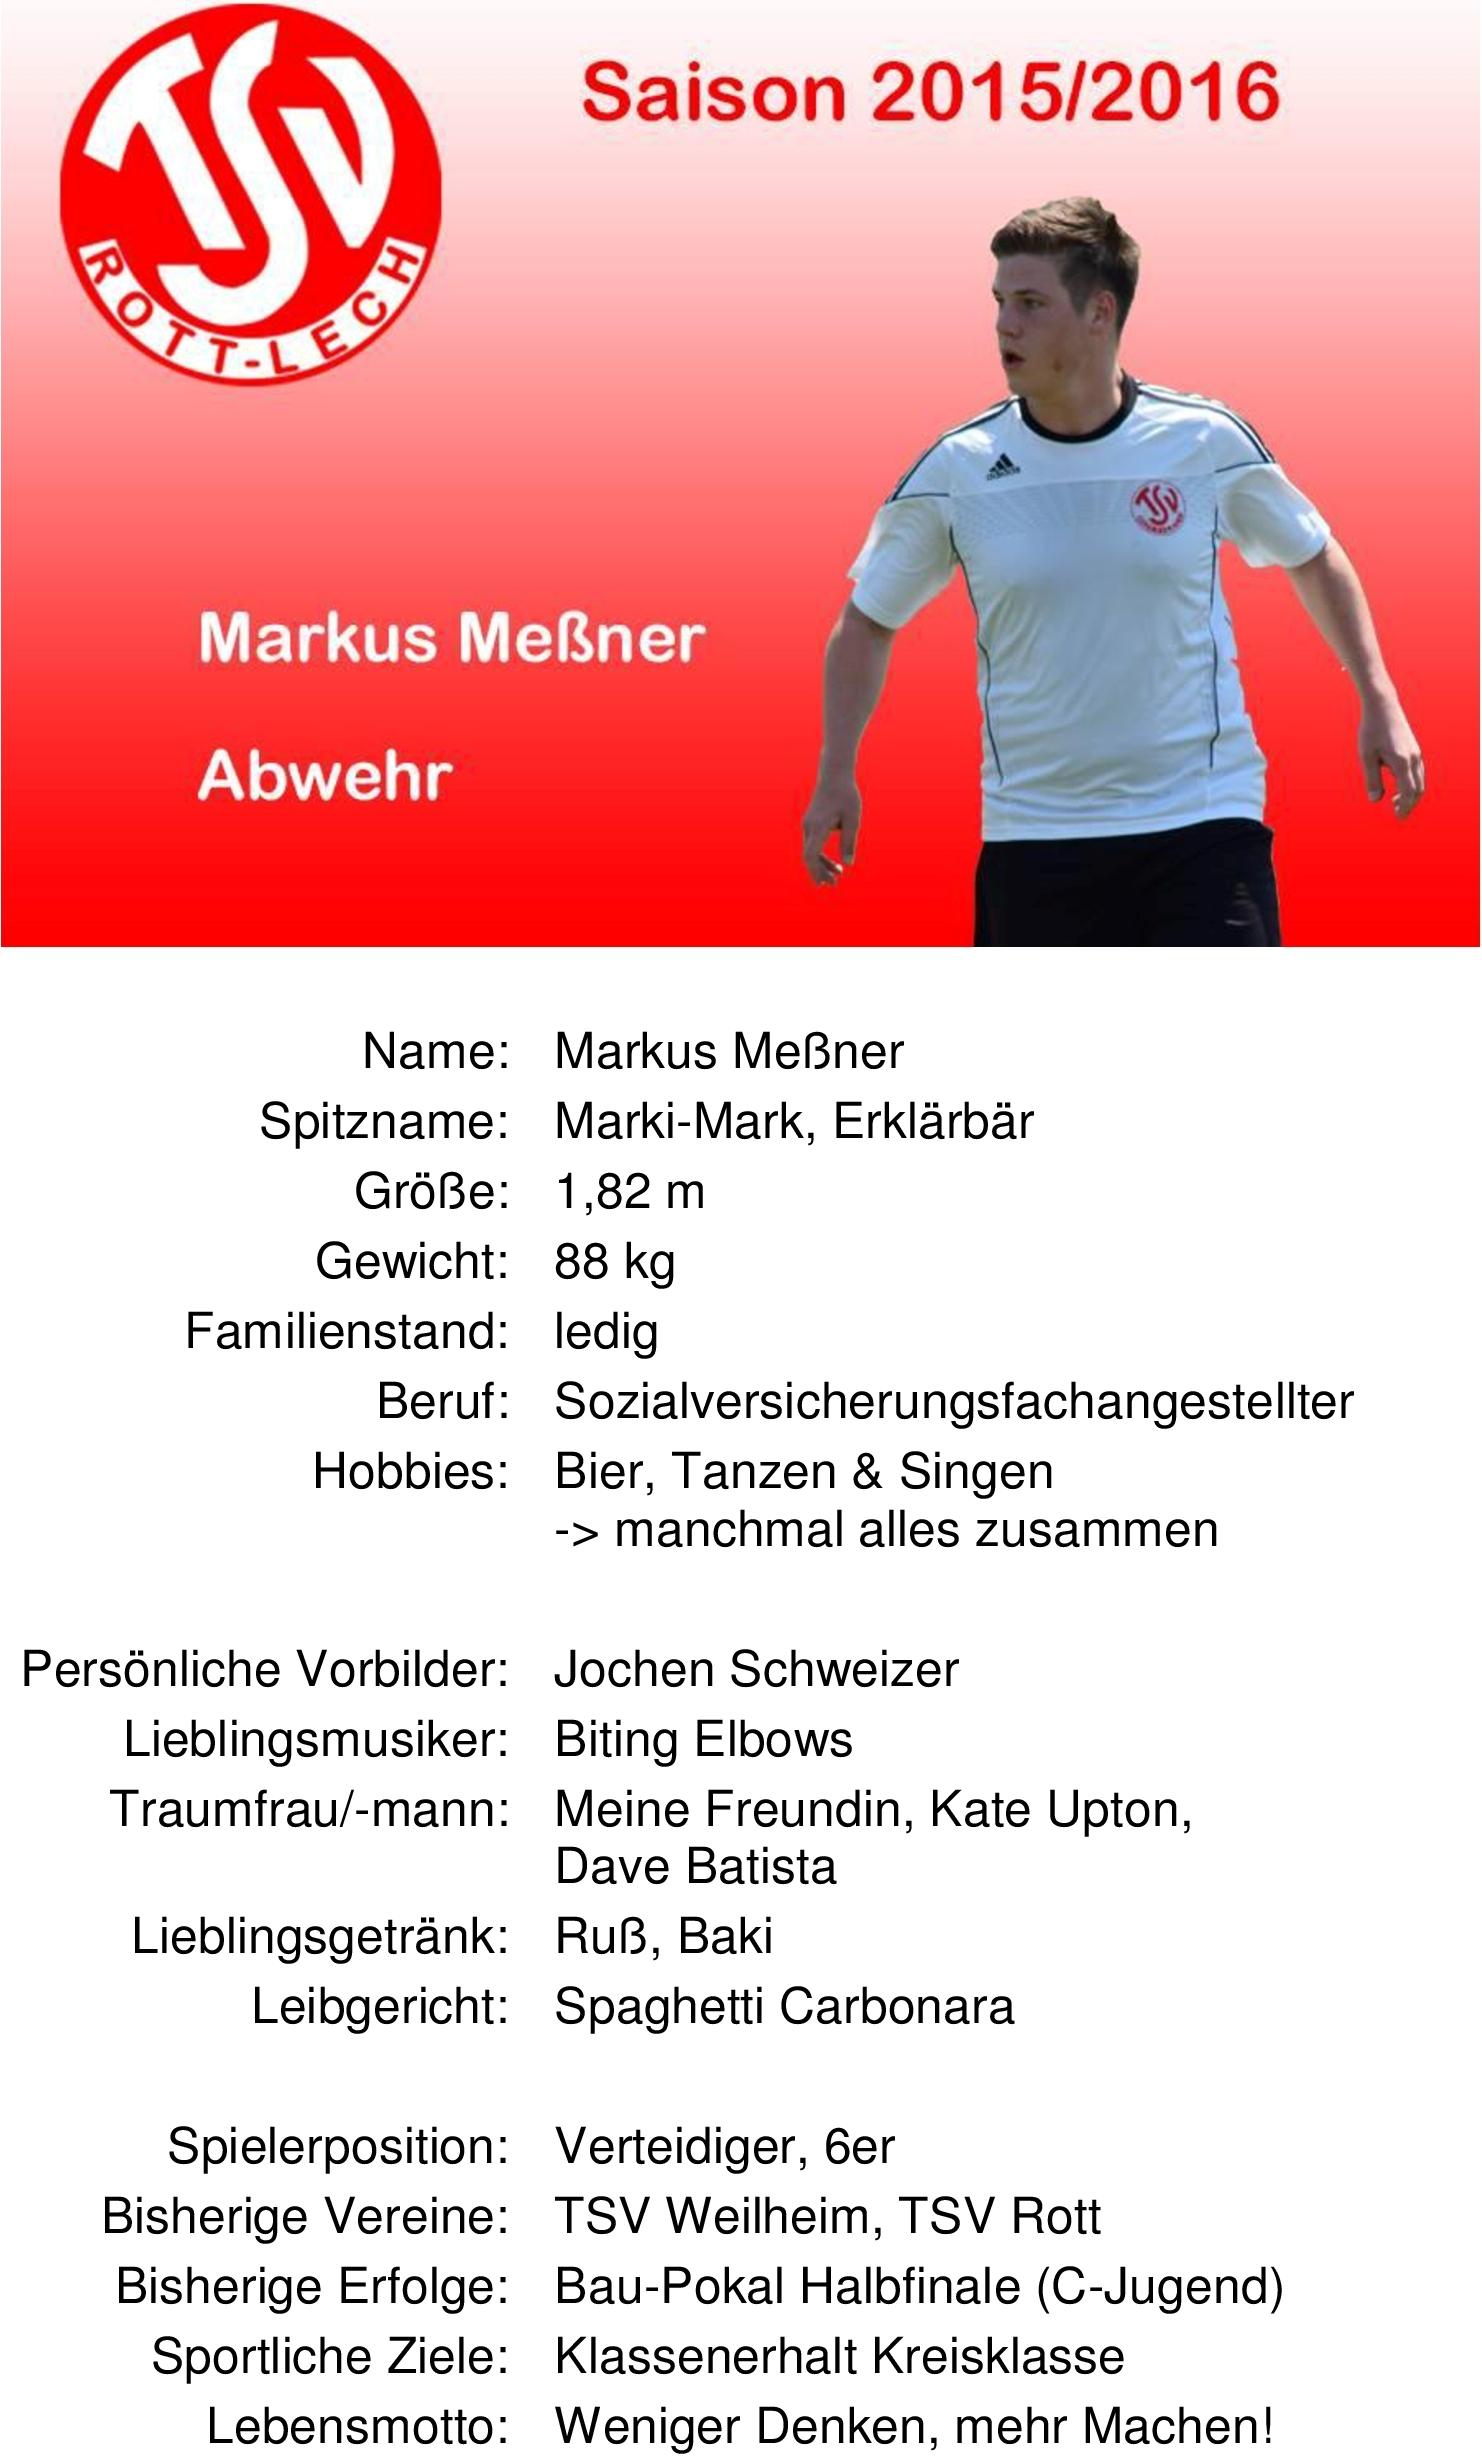 Meßner_Markus